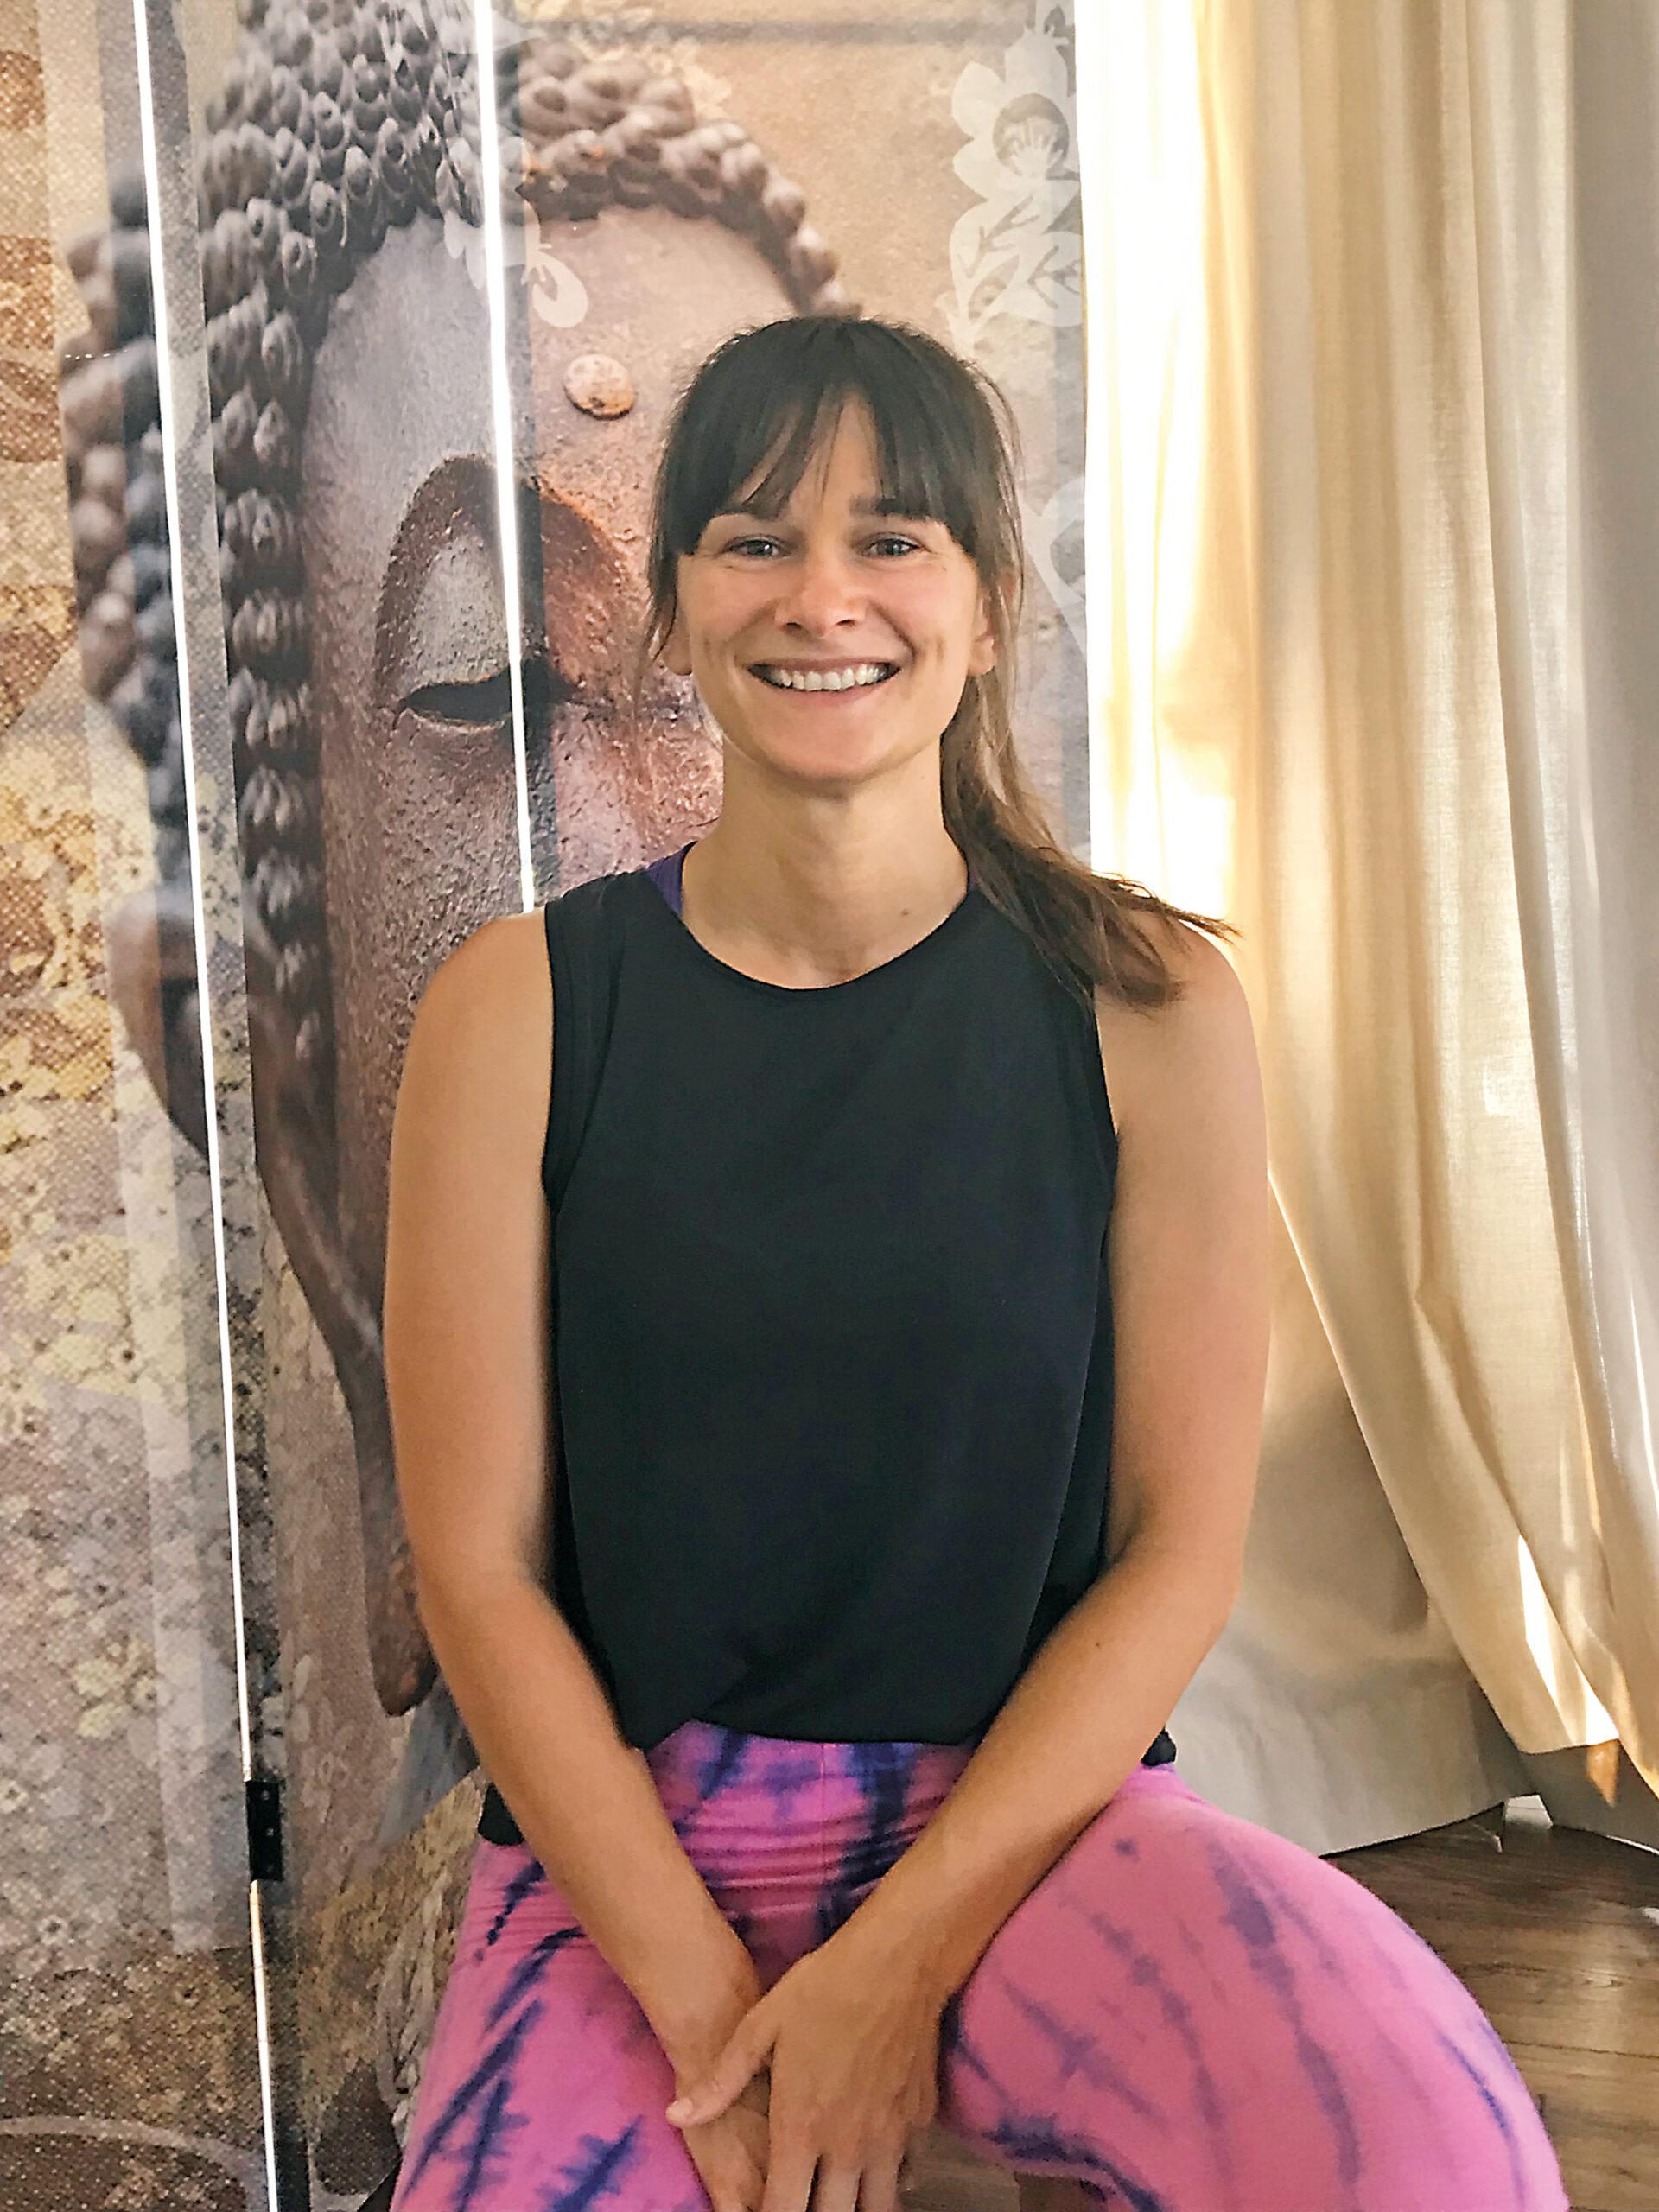 Yoga Lehrerin Theresa aus dem Yogaraum Ravensburg hat braune Haare und einen frechen Pony.